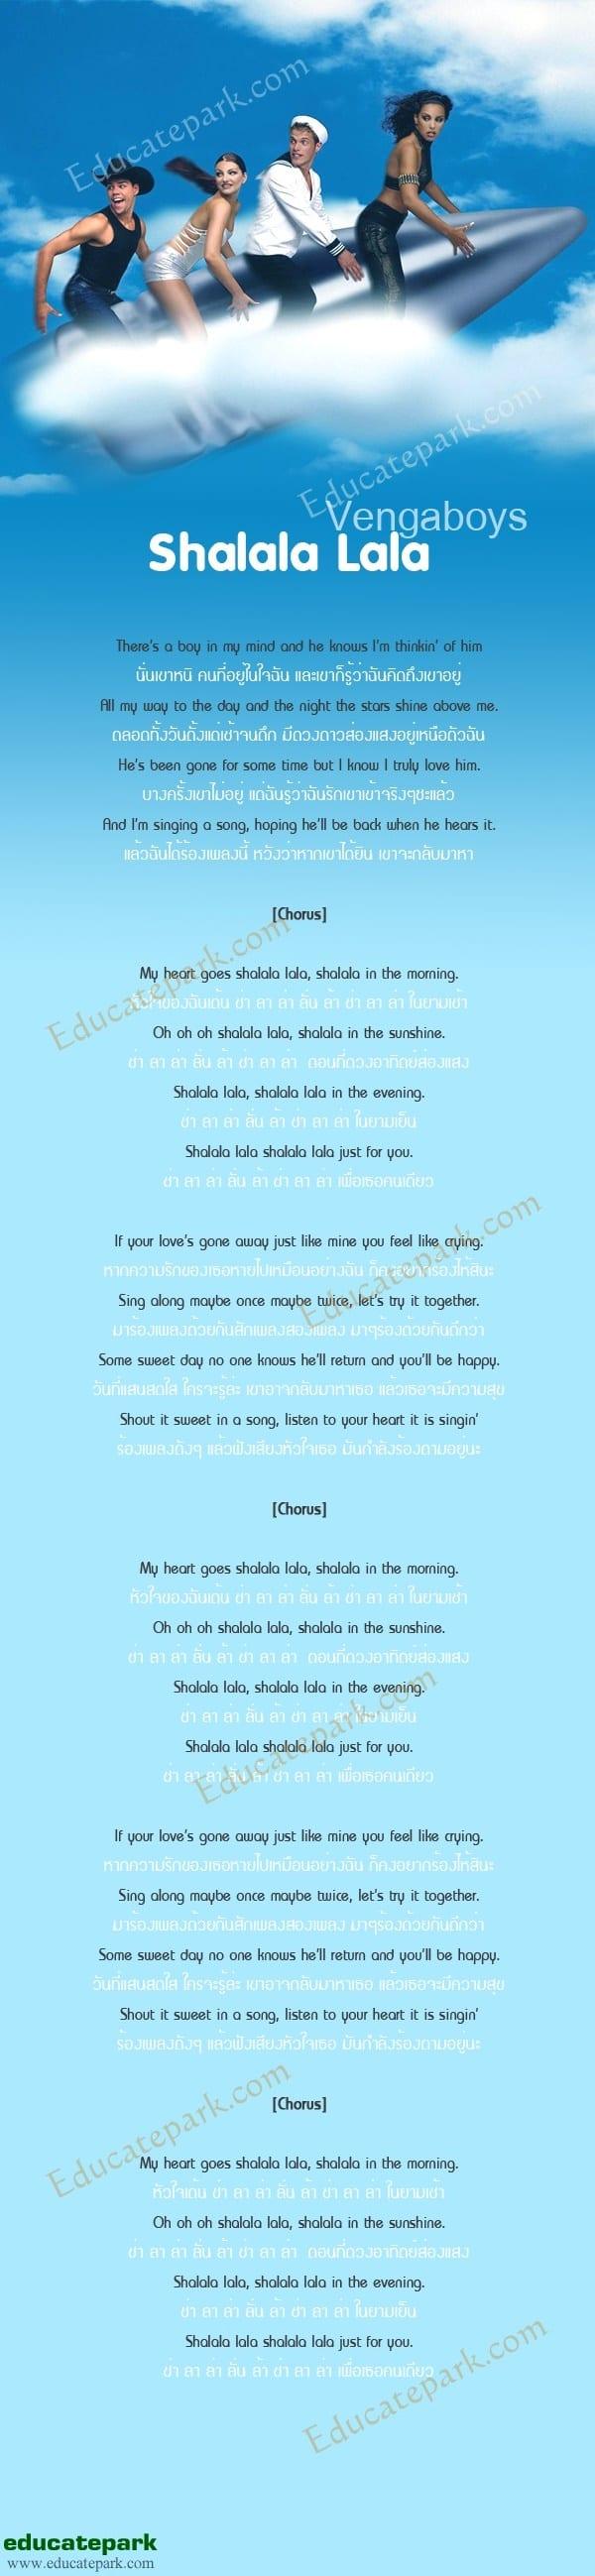 แปลเพลง Shalala lala - Vengaboys